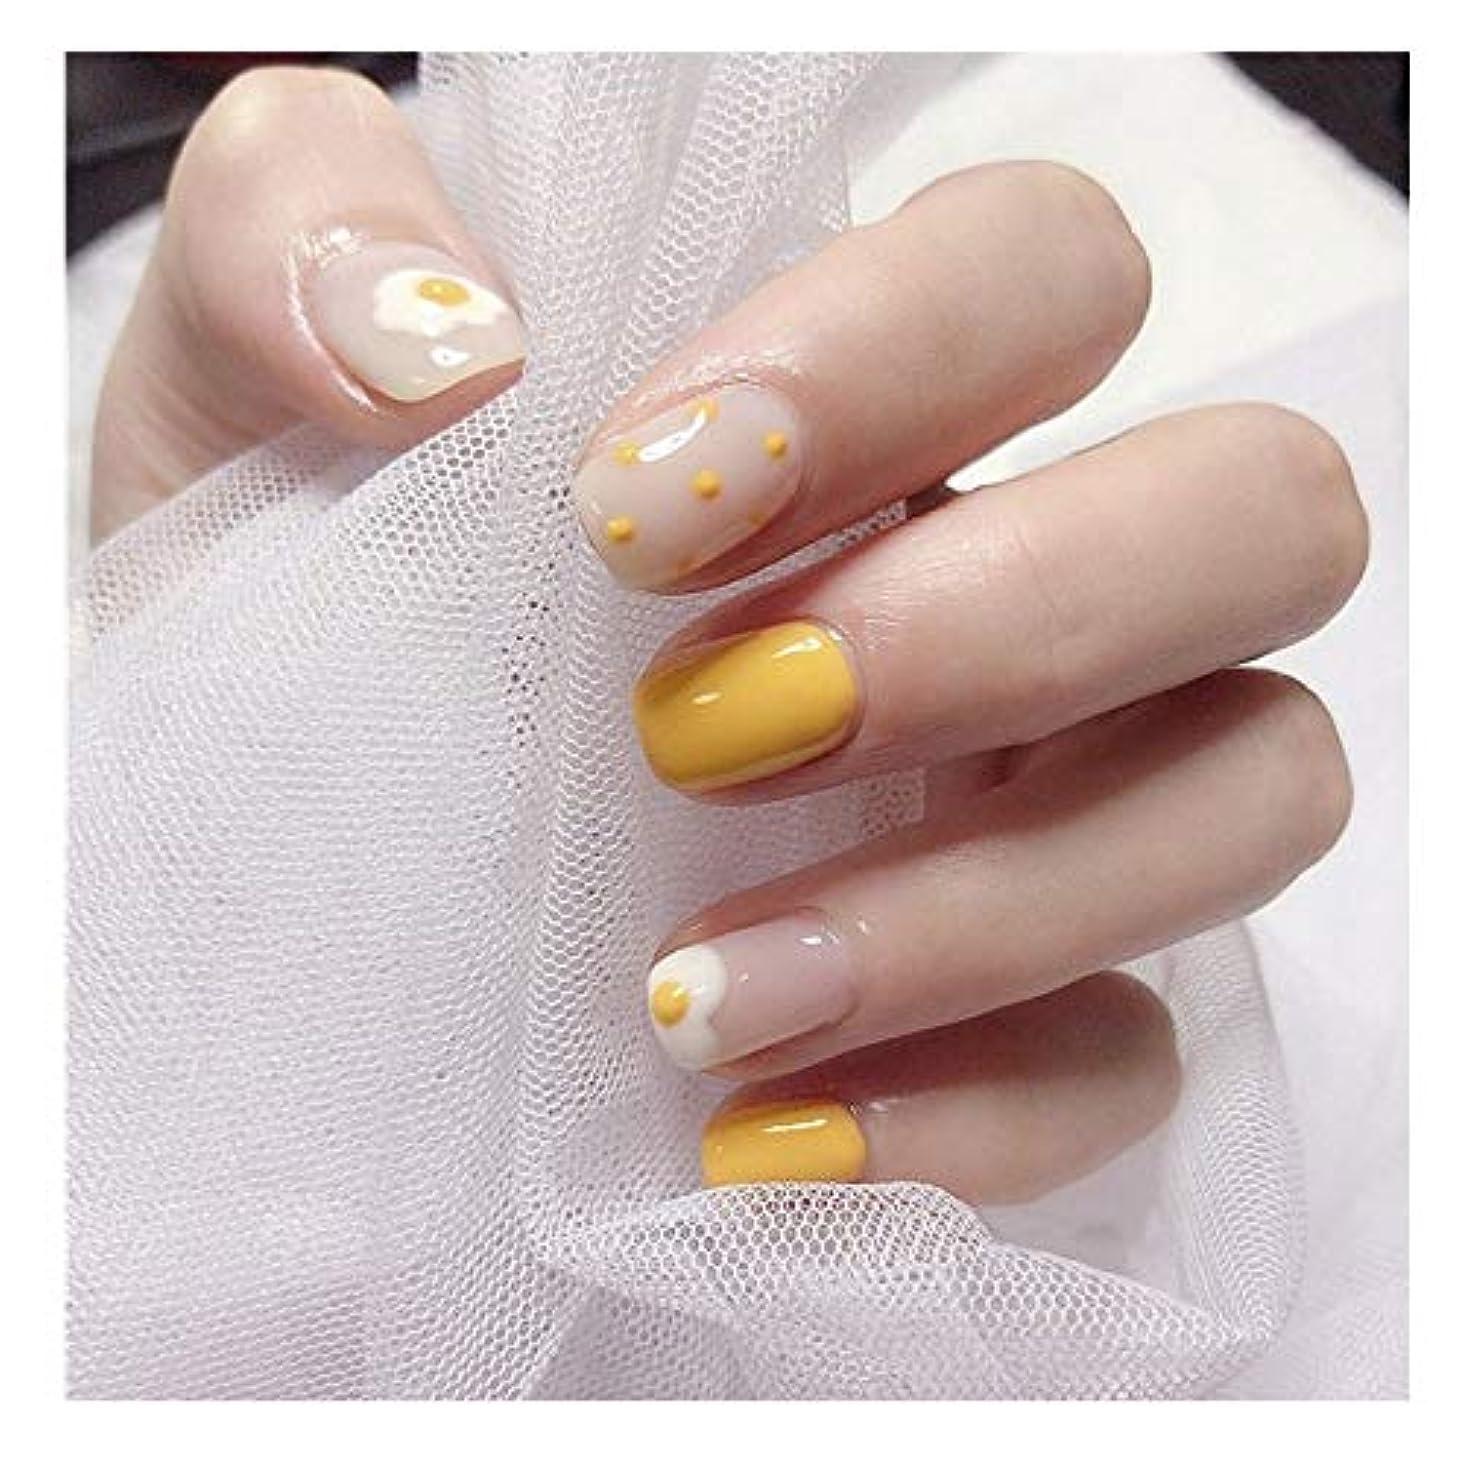 再集計同志しなければならないTAALESET 黄色の卵偽の釘のショートスクエアネイルグルー完成ネイルアートフェイクネイルズ (色 : 24 pieces)